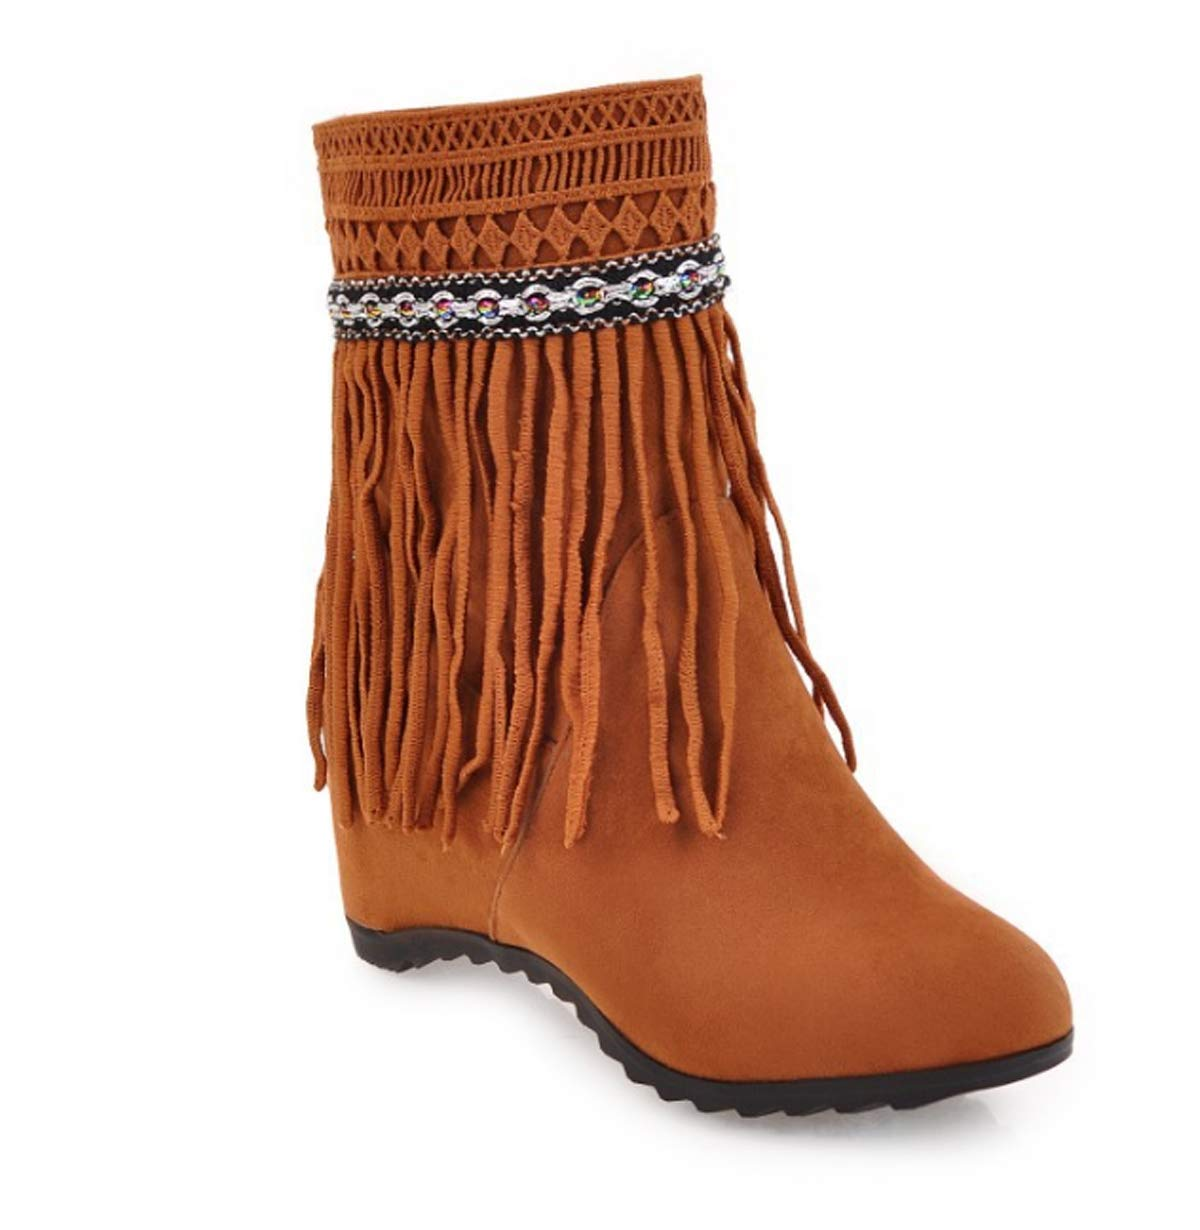 KPHY Damenschuhe/Ethnische Stil - Stiefel Mehr Rein 6 cm Flach Unten.